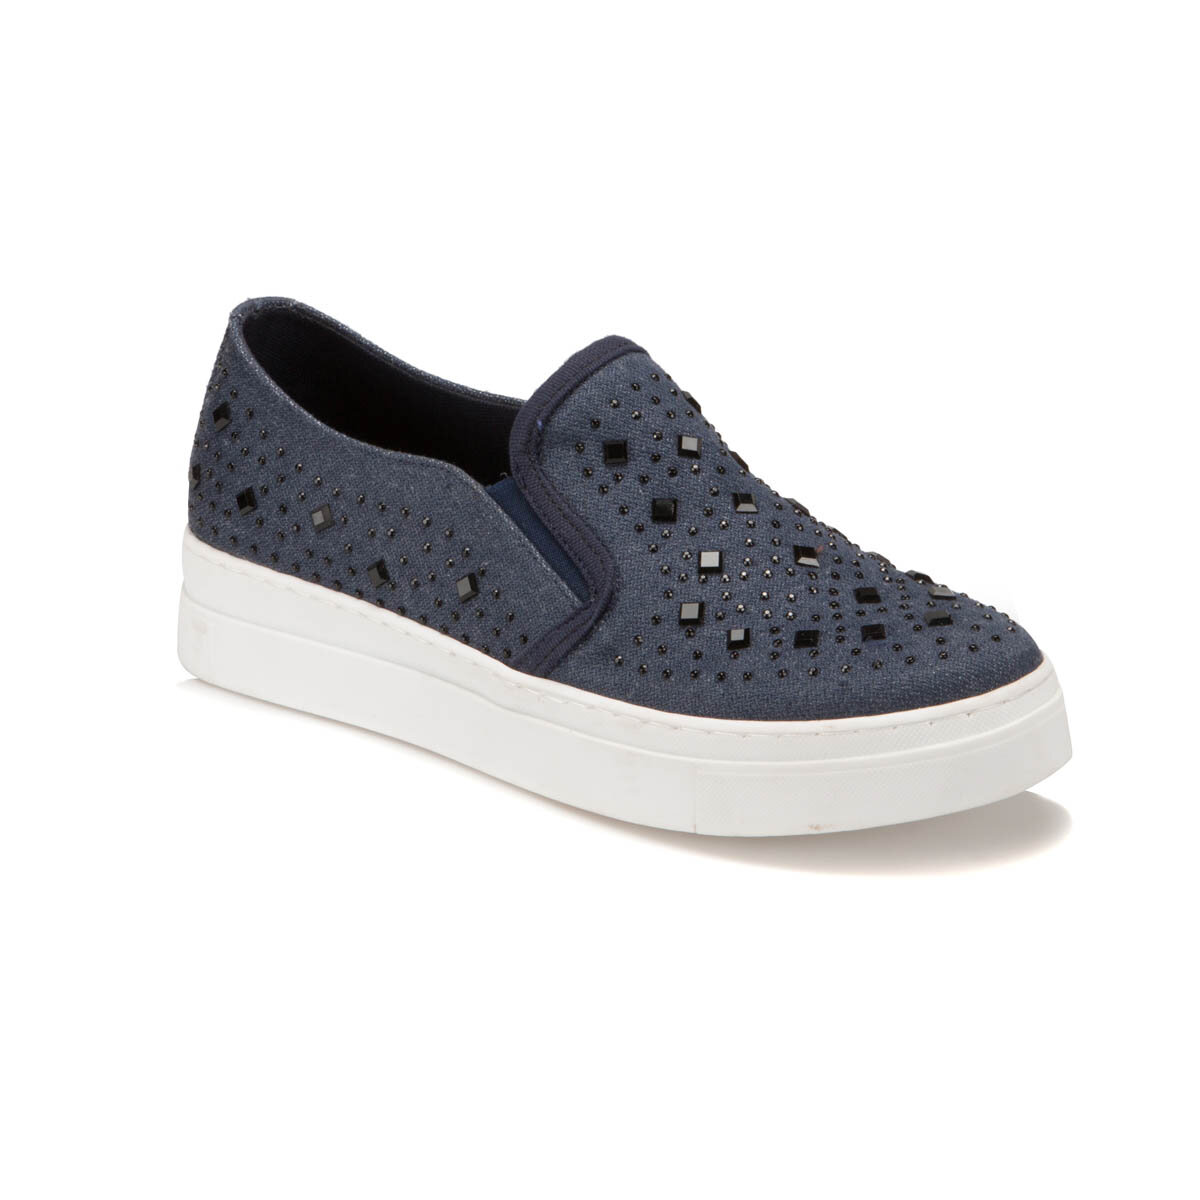 FLO S752 Navy Blue Women 'S Slip On Shoes BUTIGO